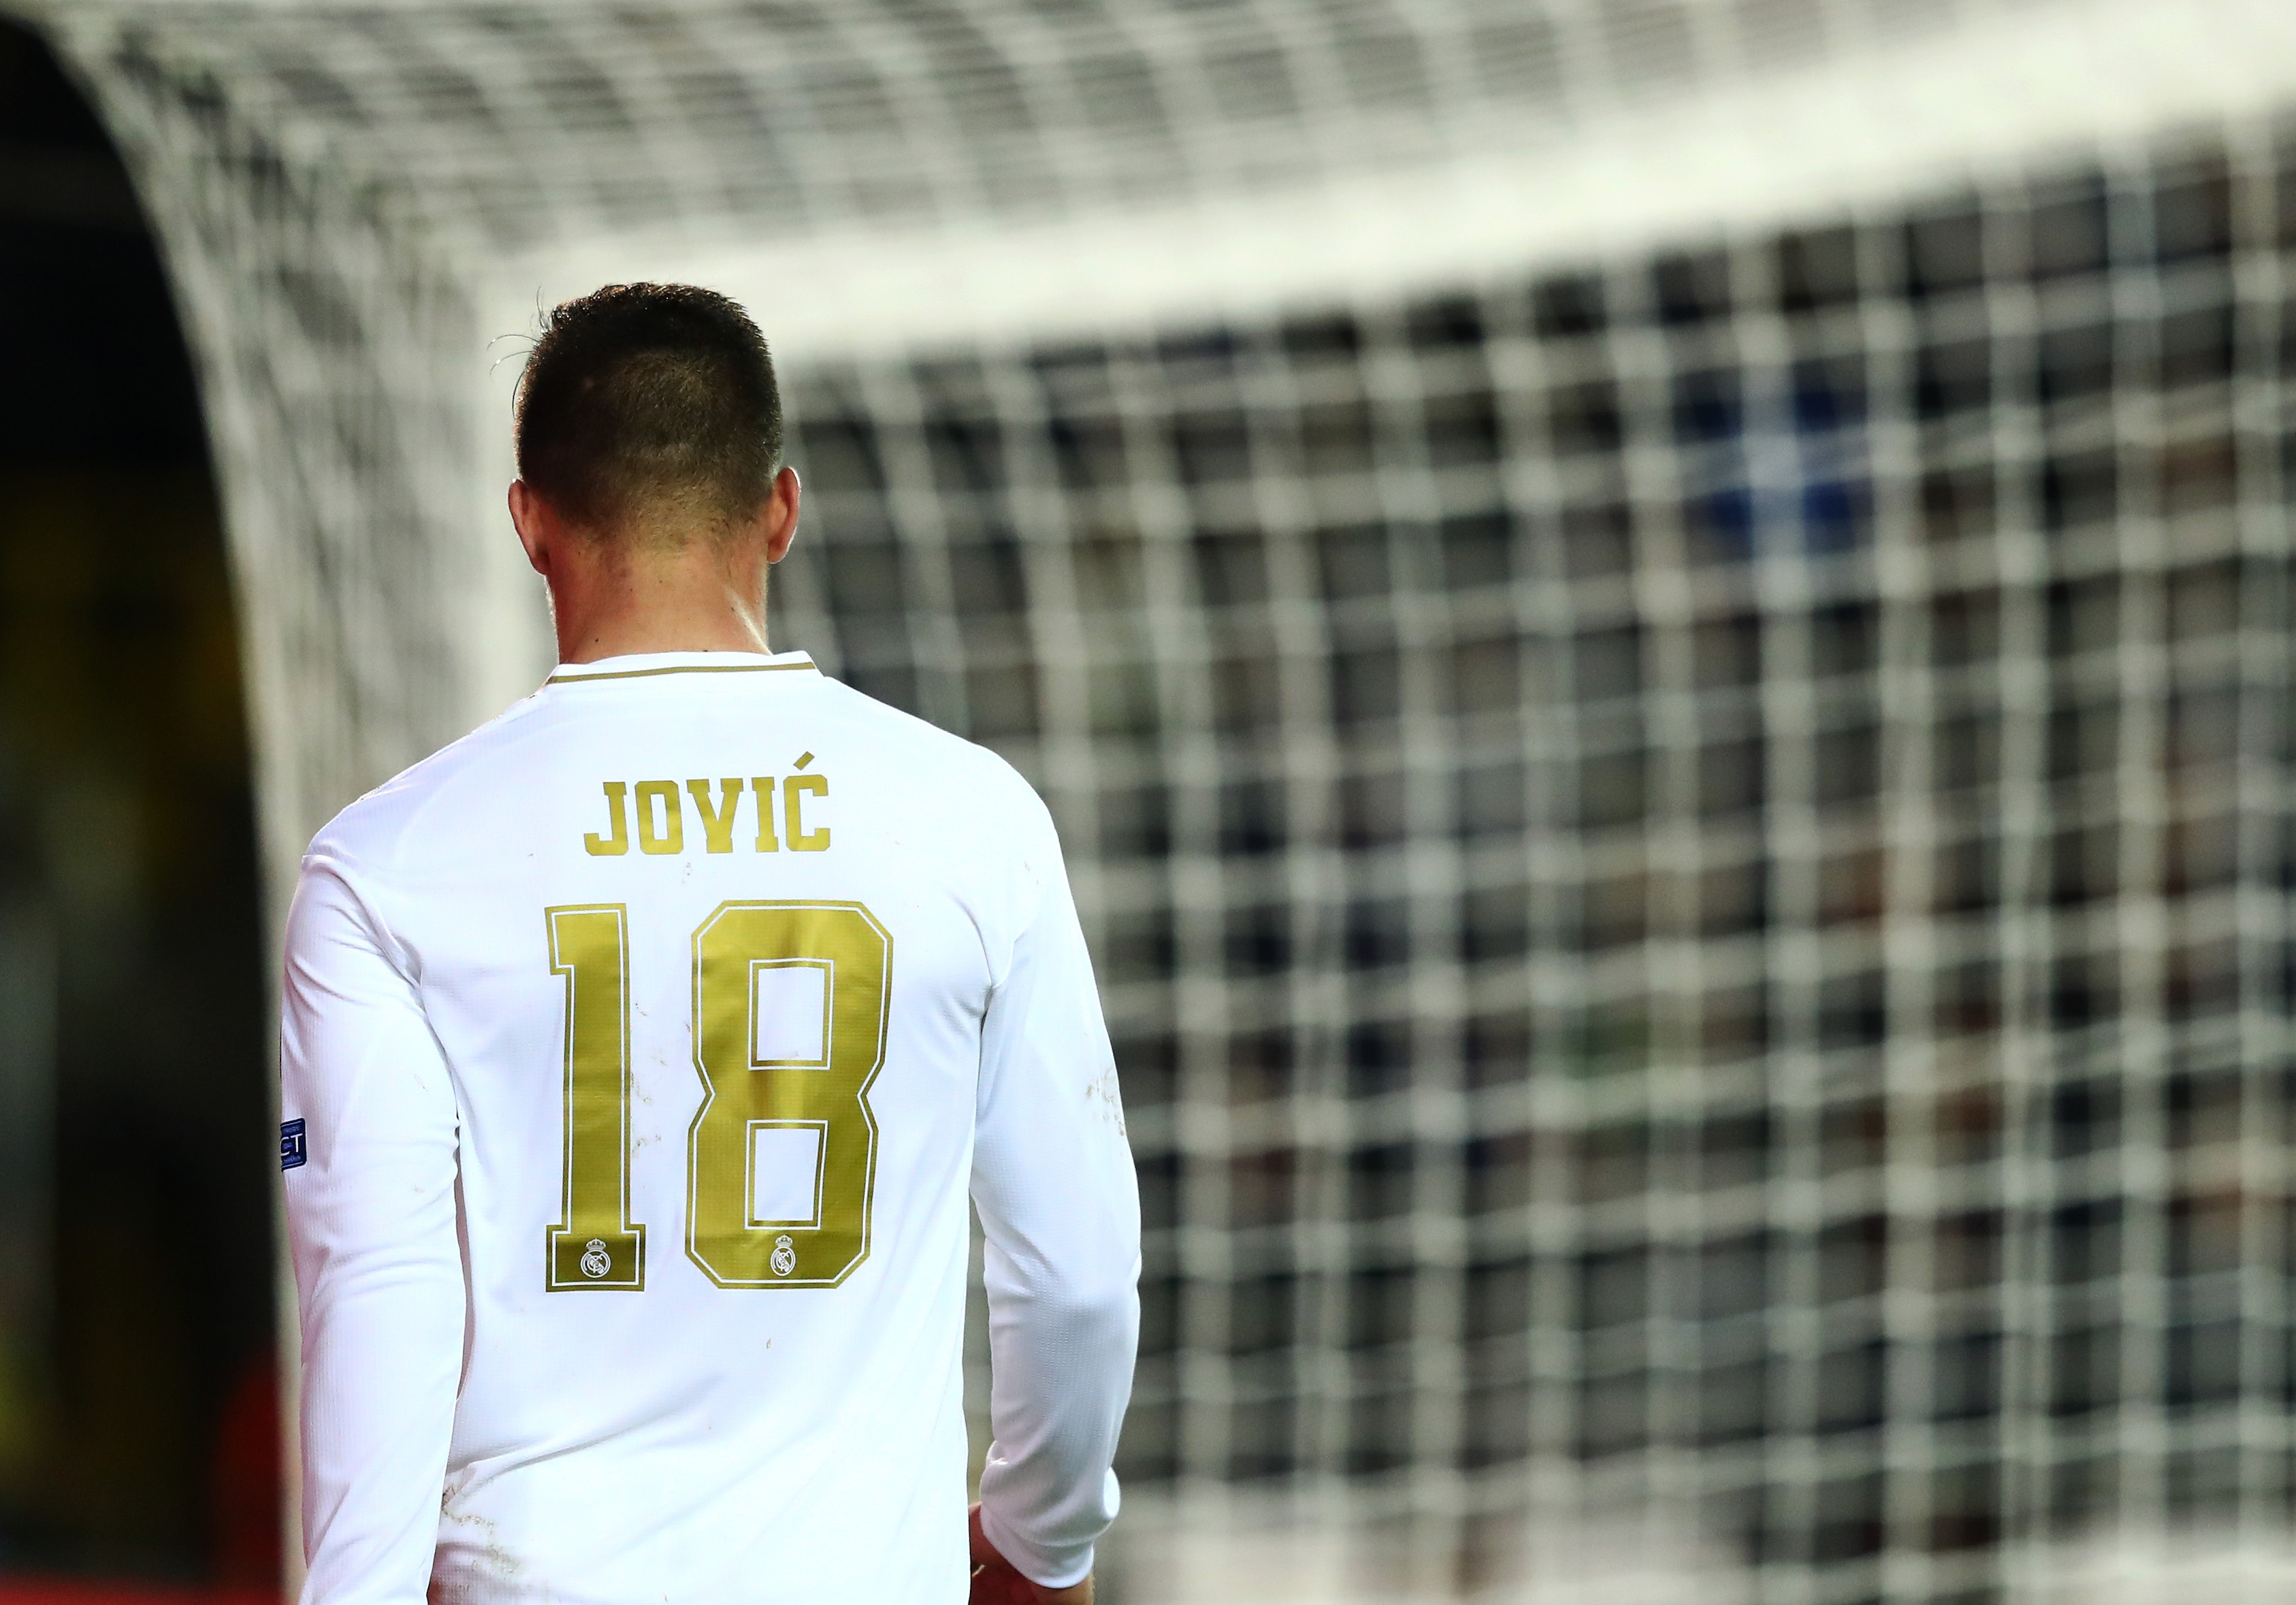 Ръководството на Реал Мадрид е взело решение да постави в